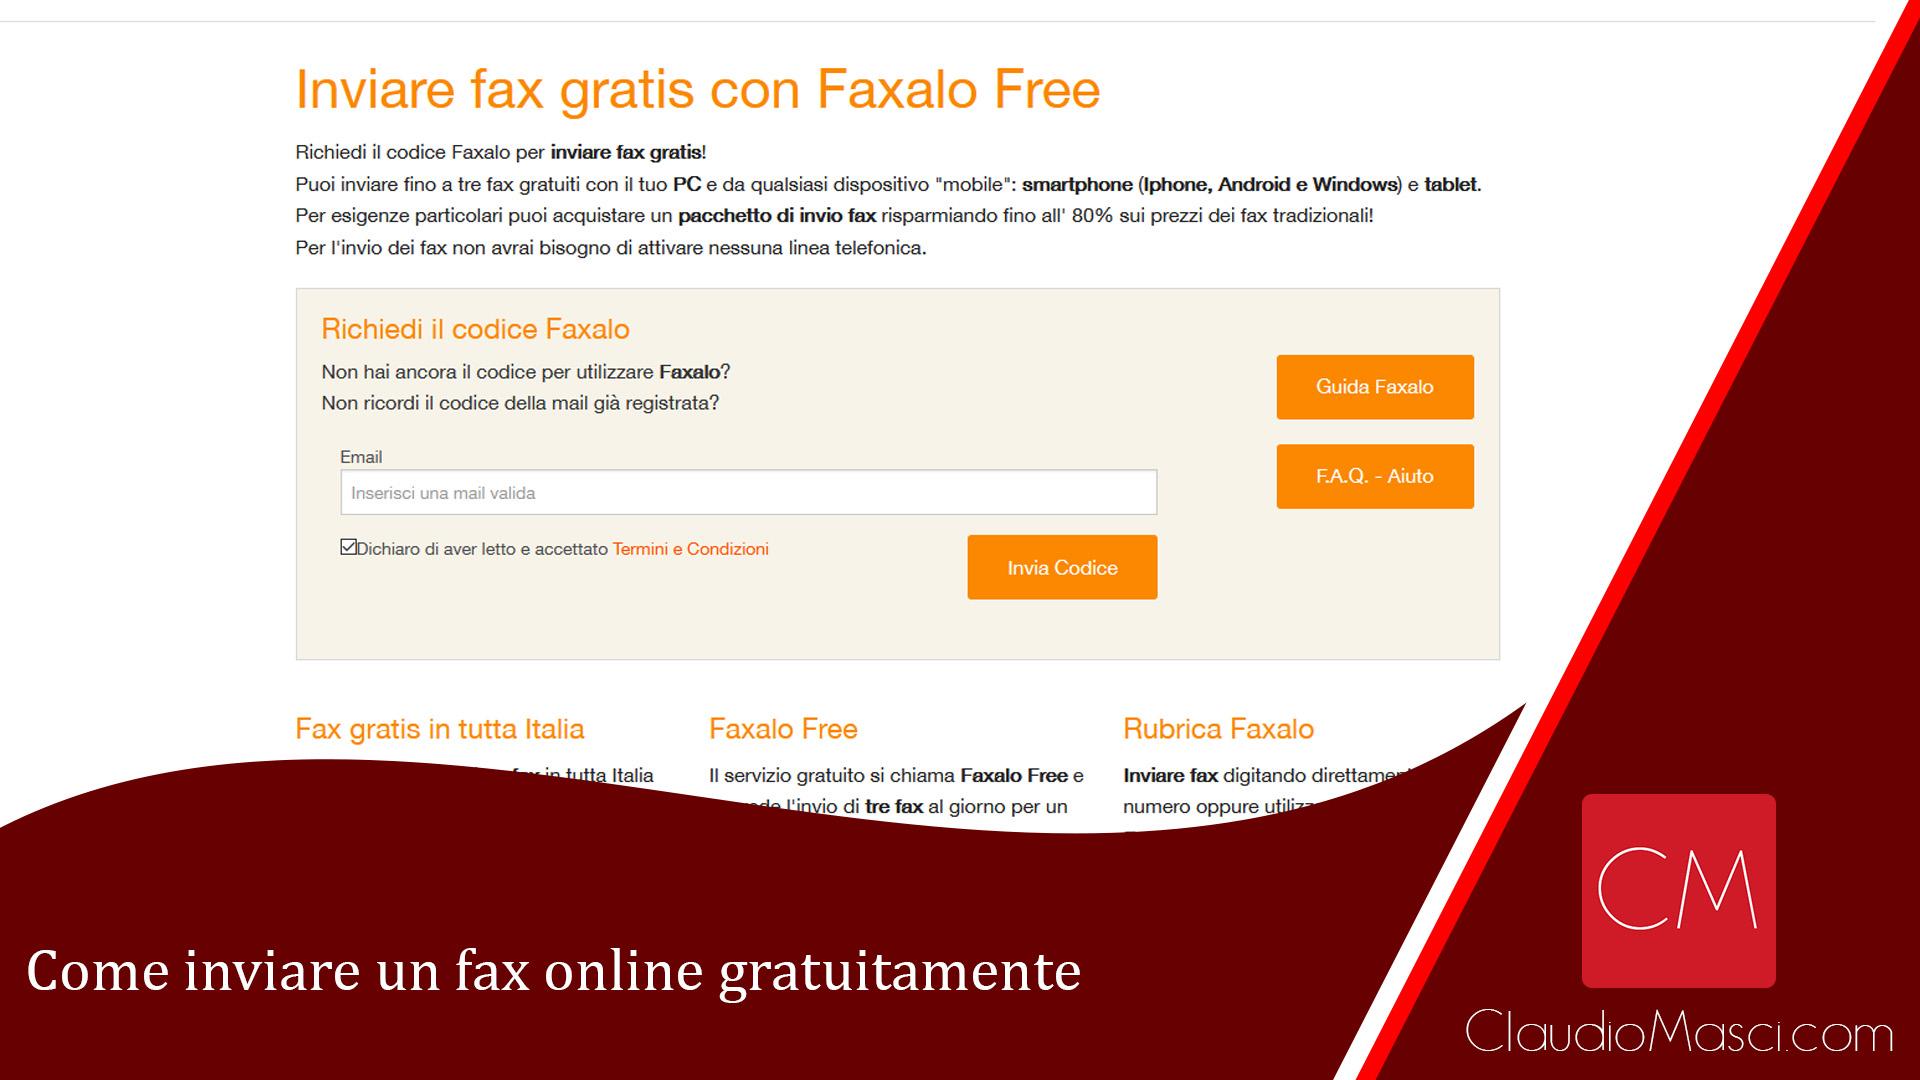 Come inviare un fax online gratuitamente